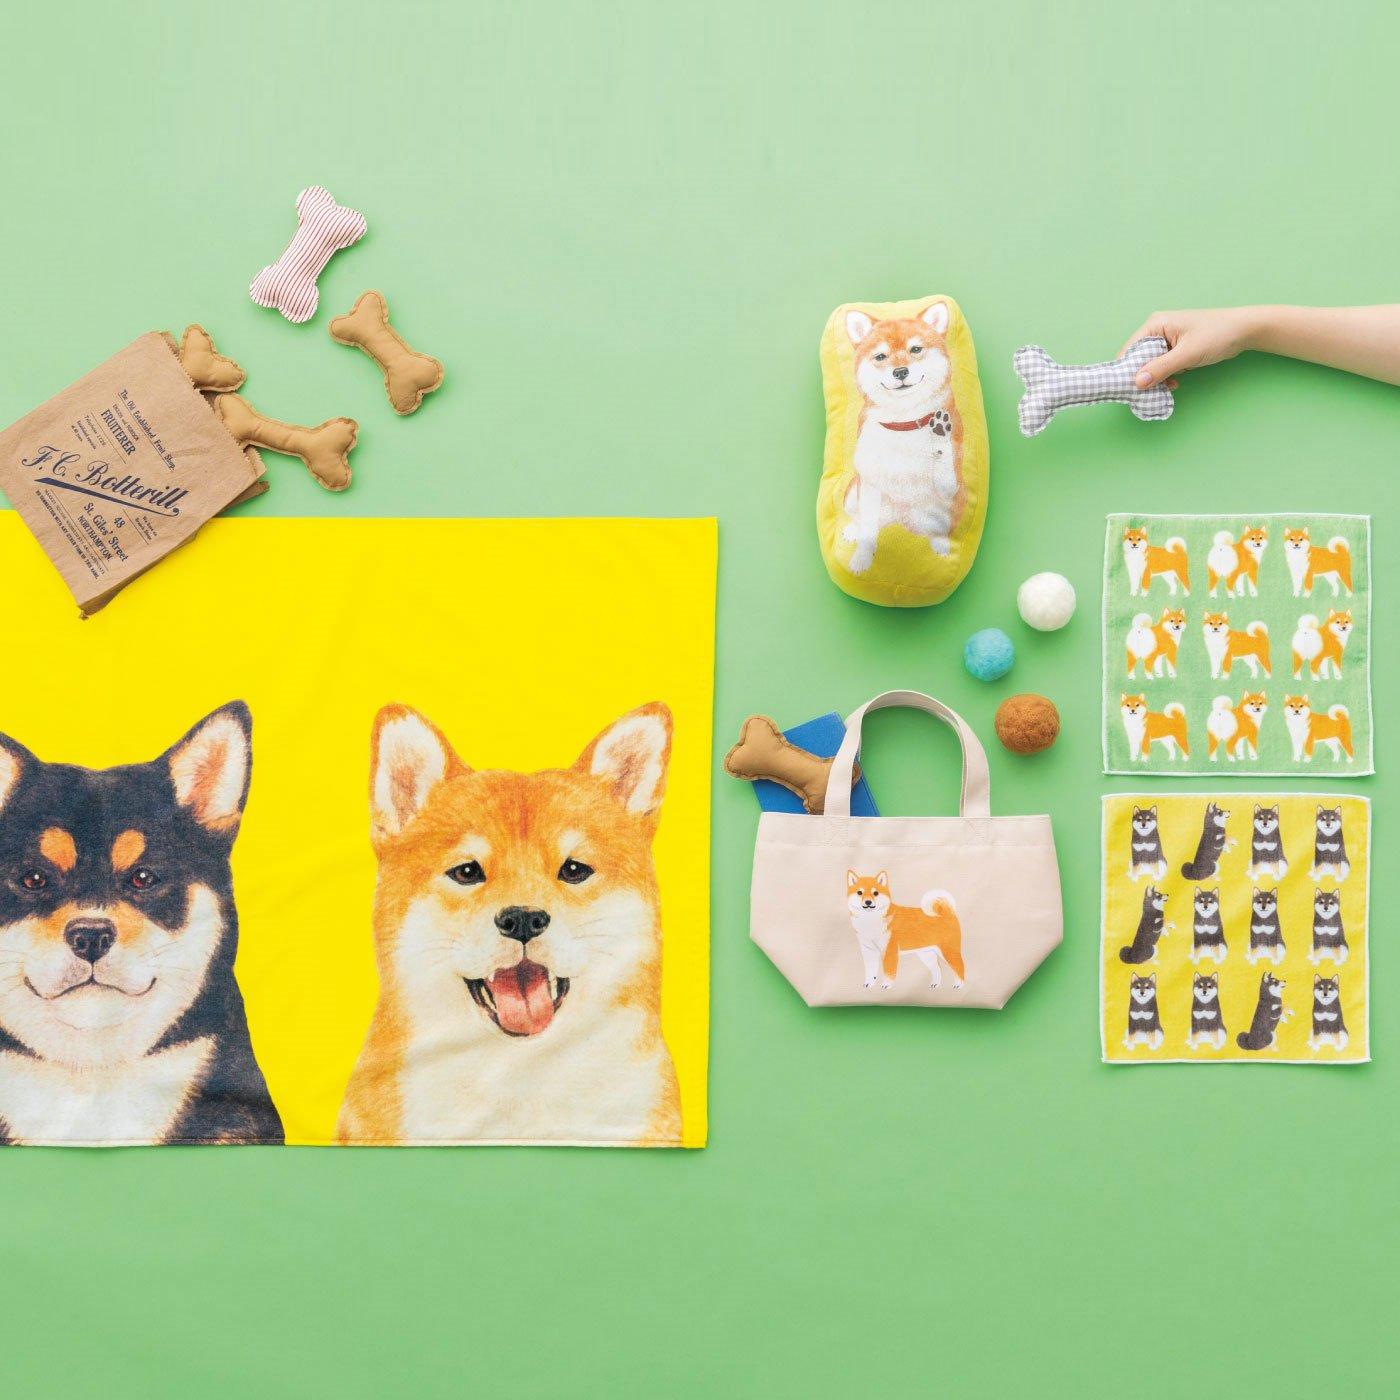 YOU+MORE! もふもふころりん柴犬雑貨コレクションの会